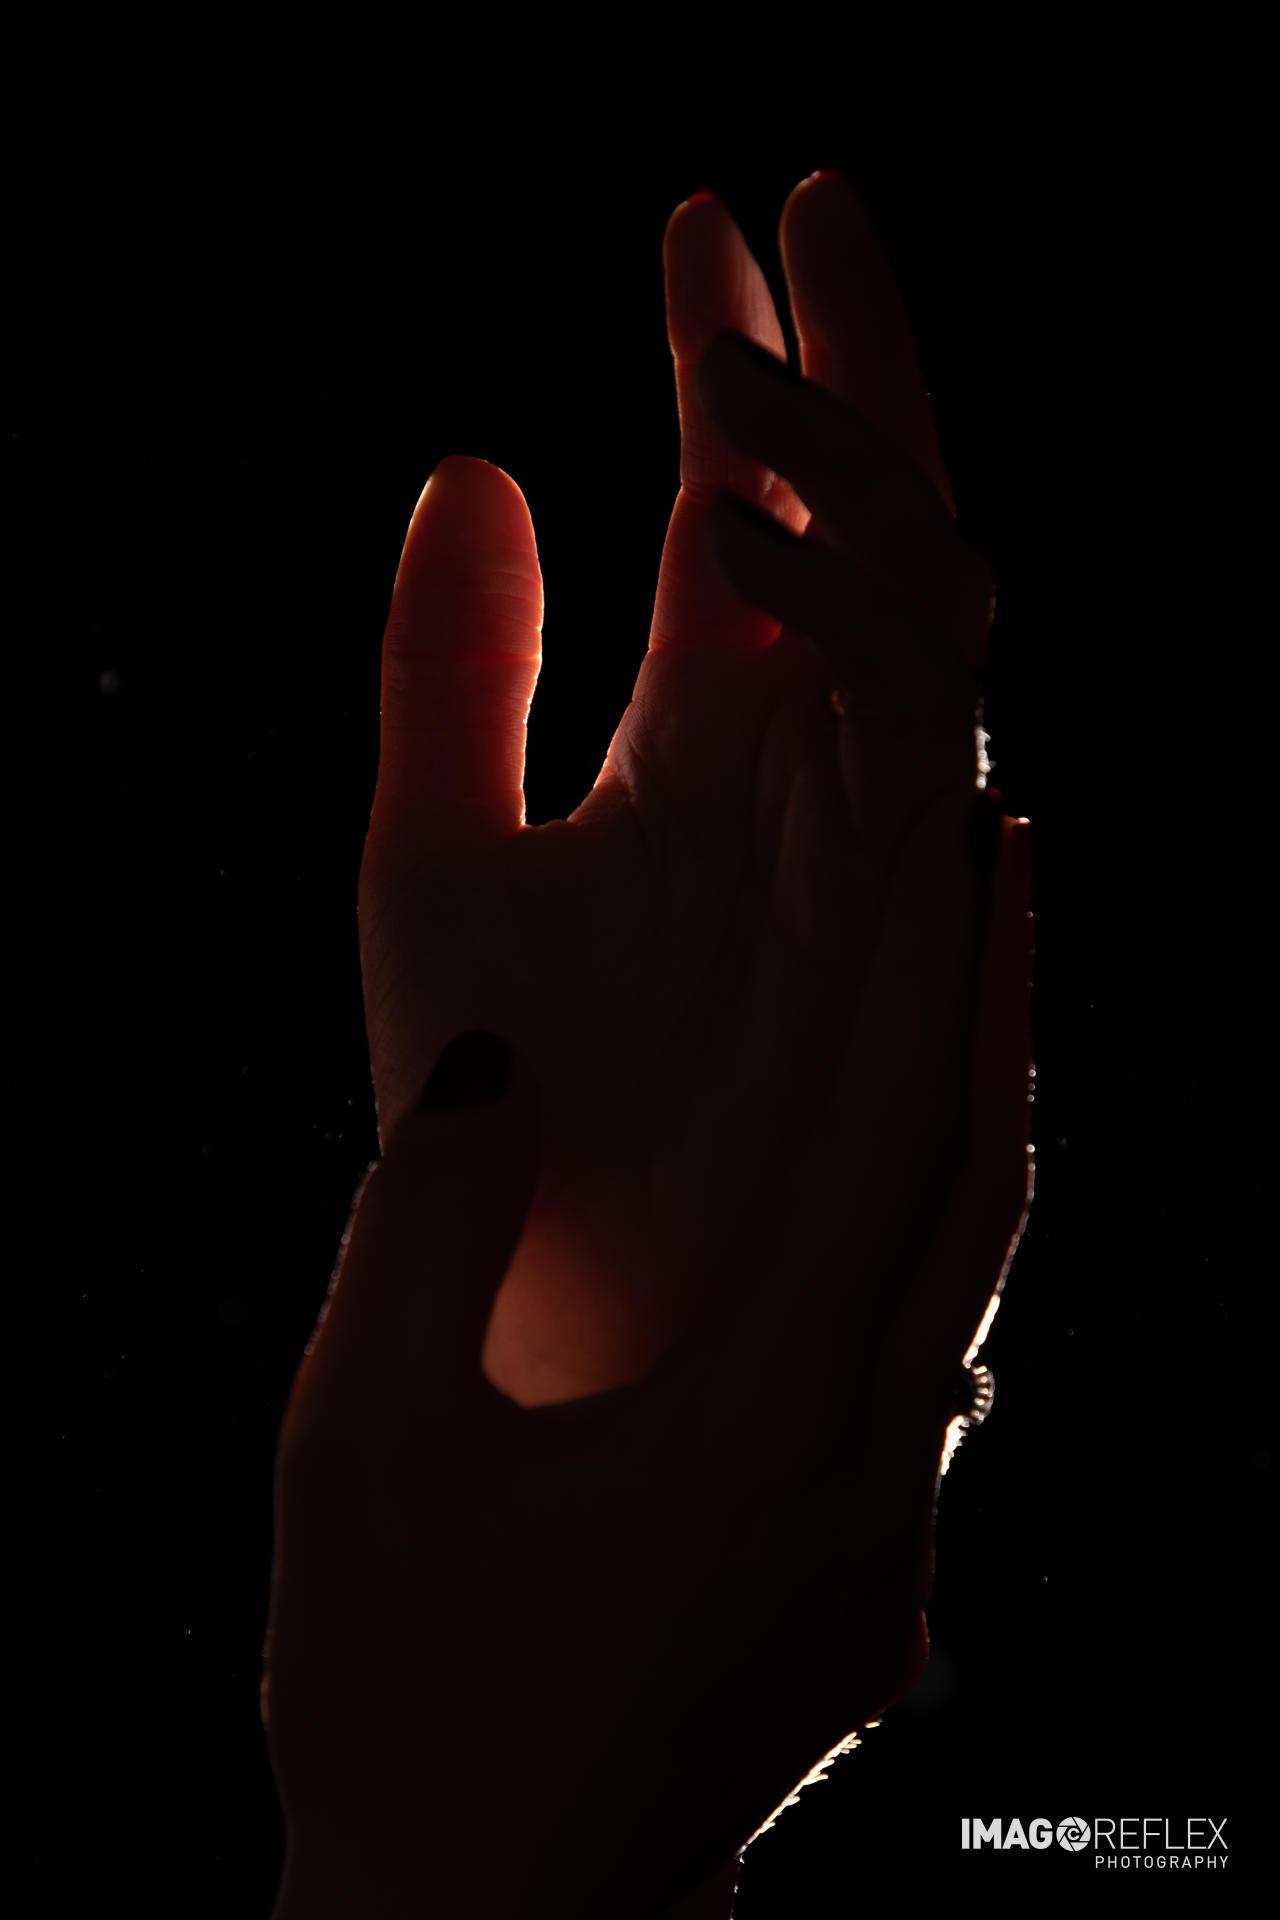 Bodyscape Cristian Pizzi Imagoreflex Bodyparts